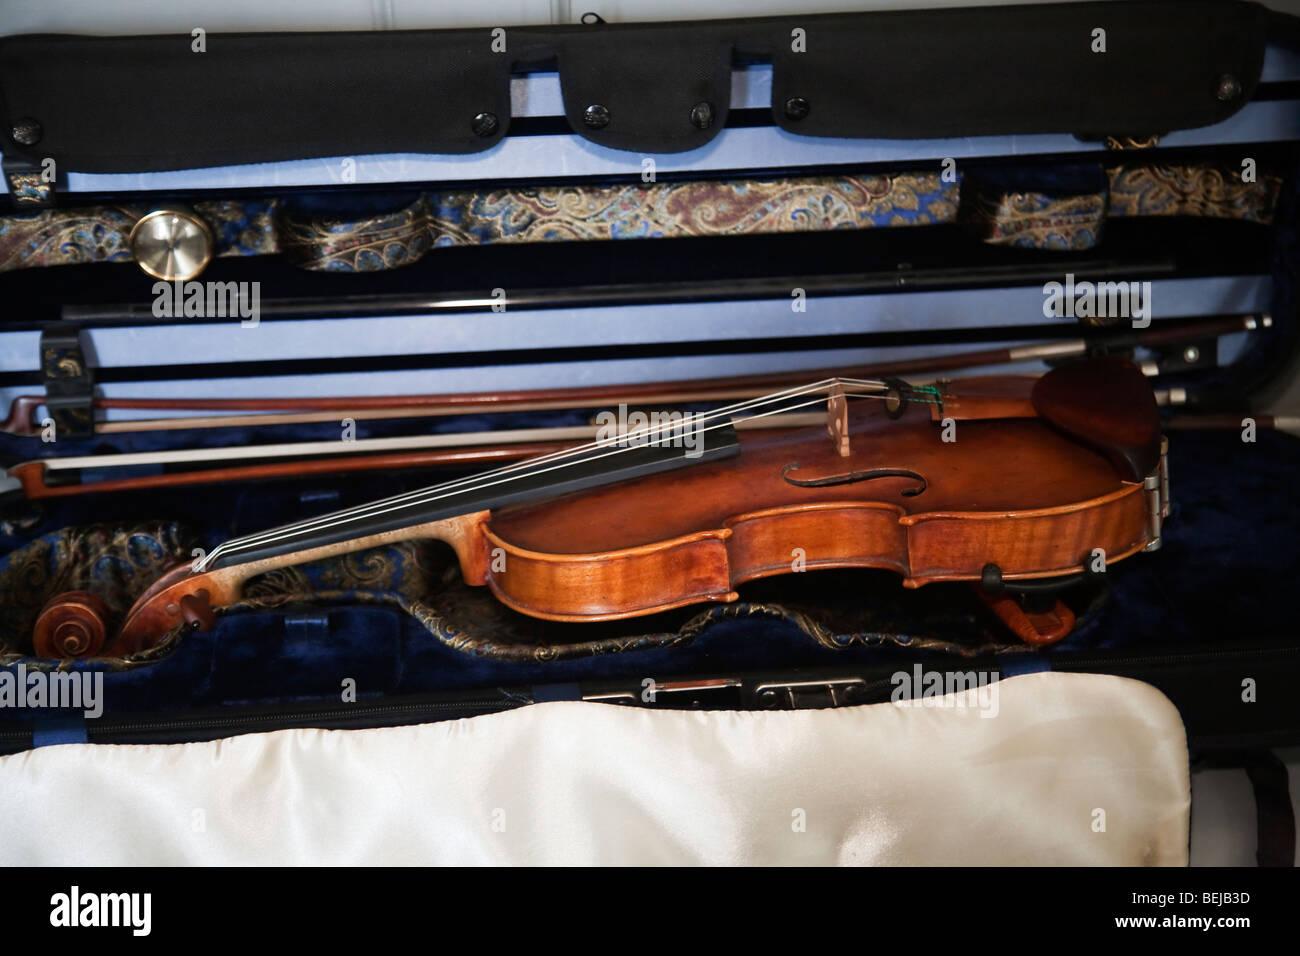 Gli strumenti a corda Strumenti musicali violino di prua bow caso involucro Immagini Stock